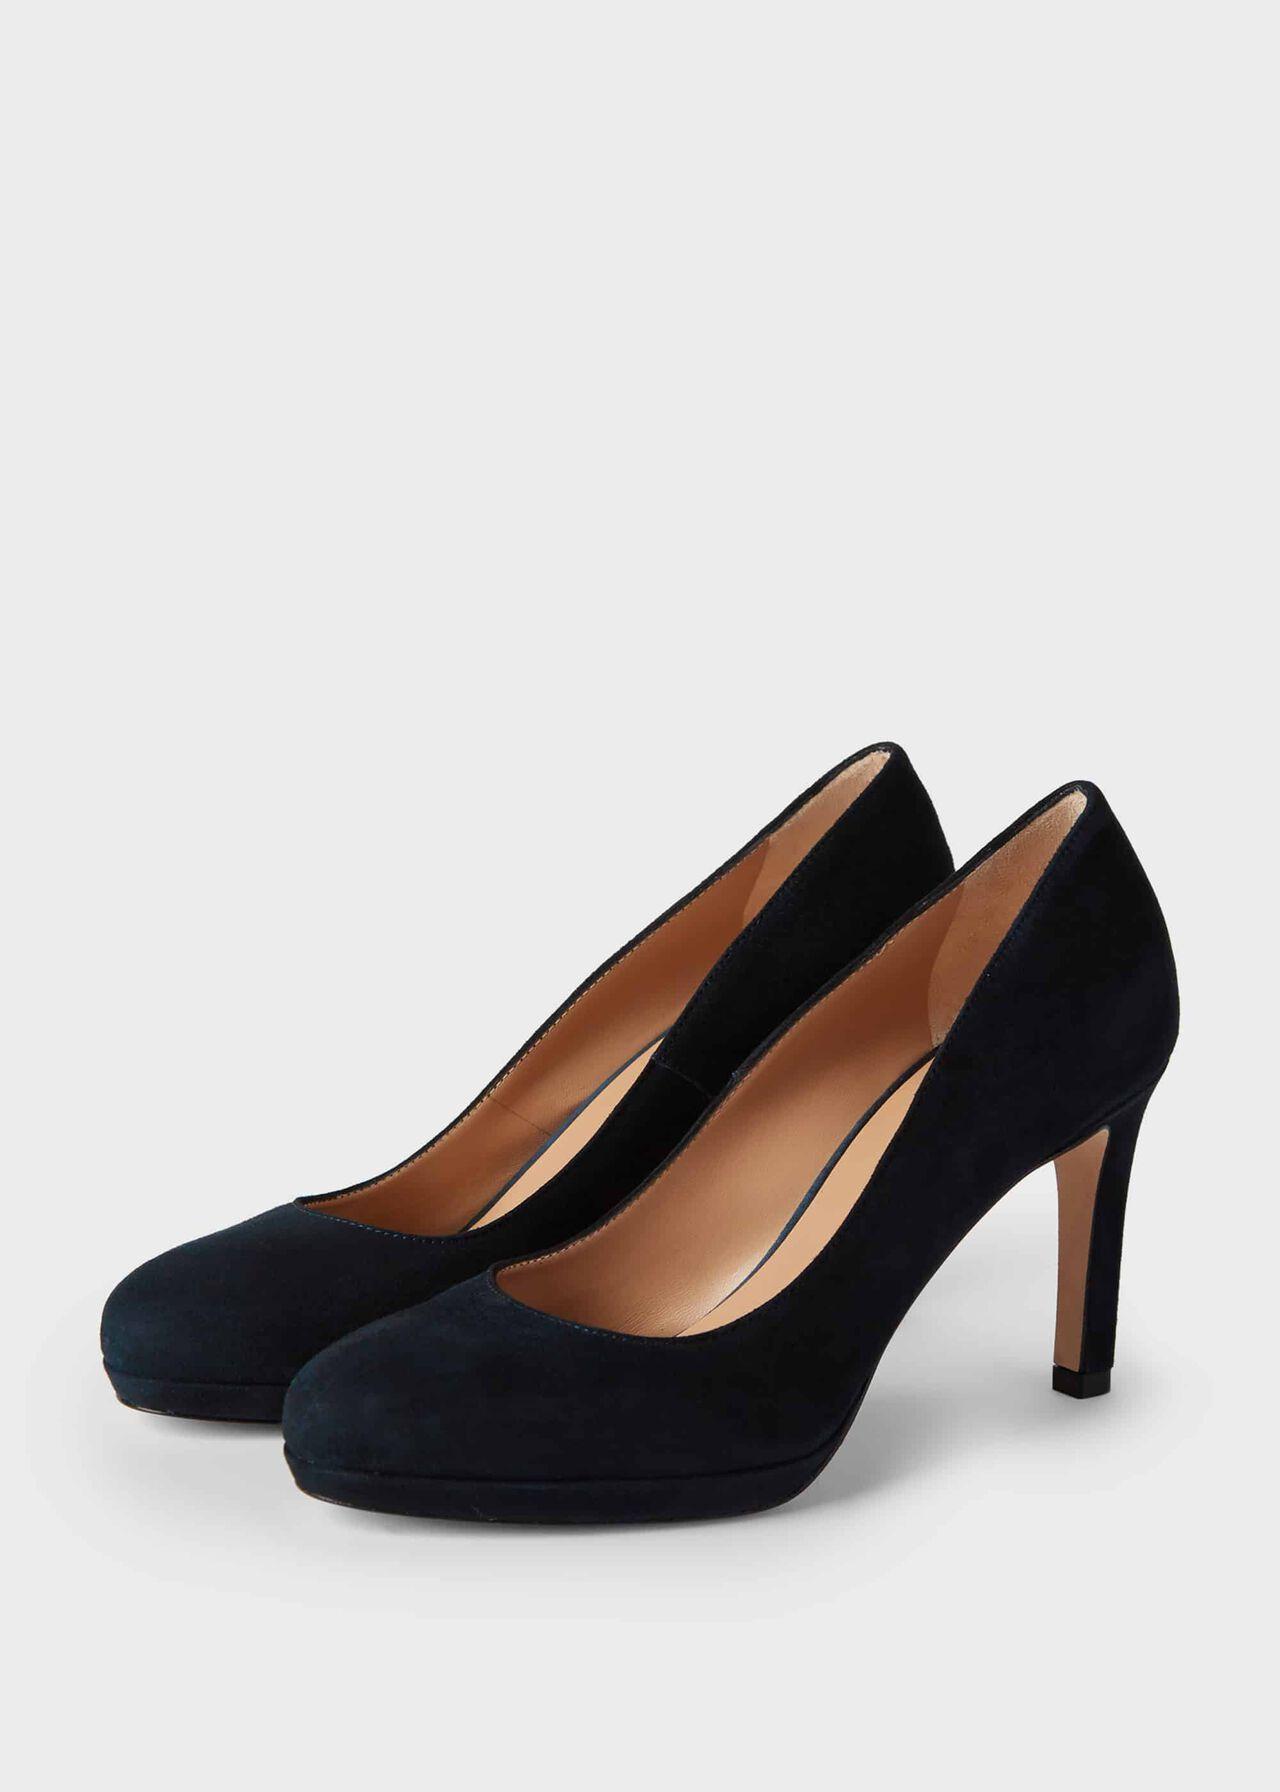 Julietta Suede Stiletto Court Shoes Navy